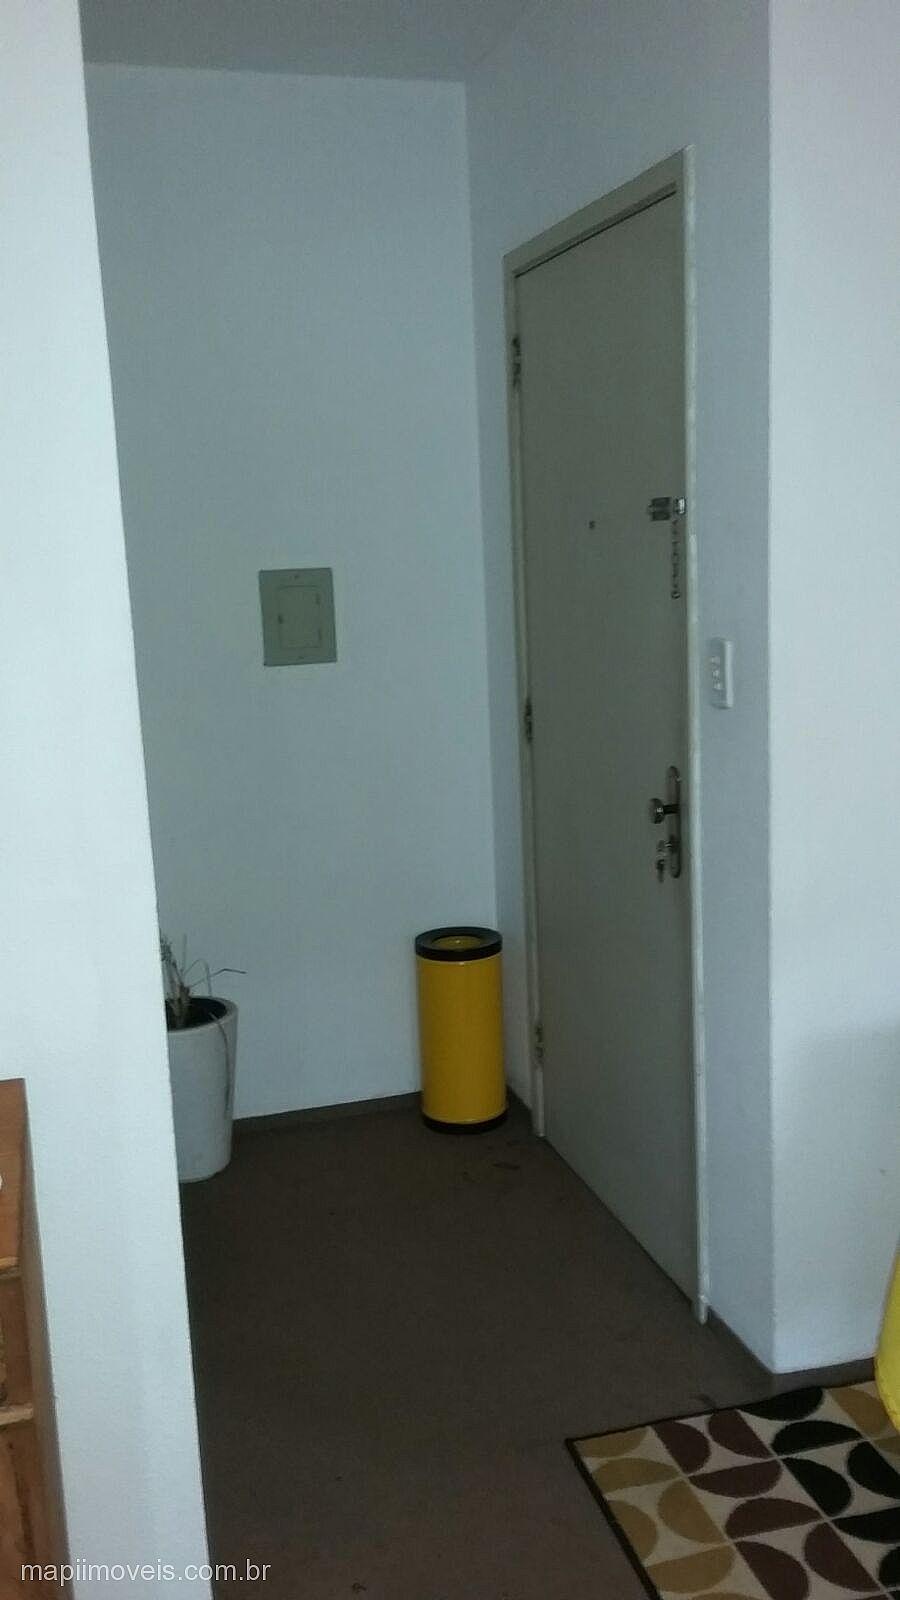 Mapi Imóveis - Apto 2 Dorm, Canudos, Novo Hamburgo - Foto 5